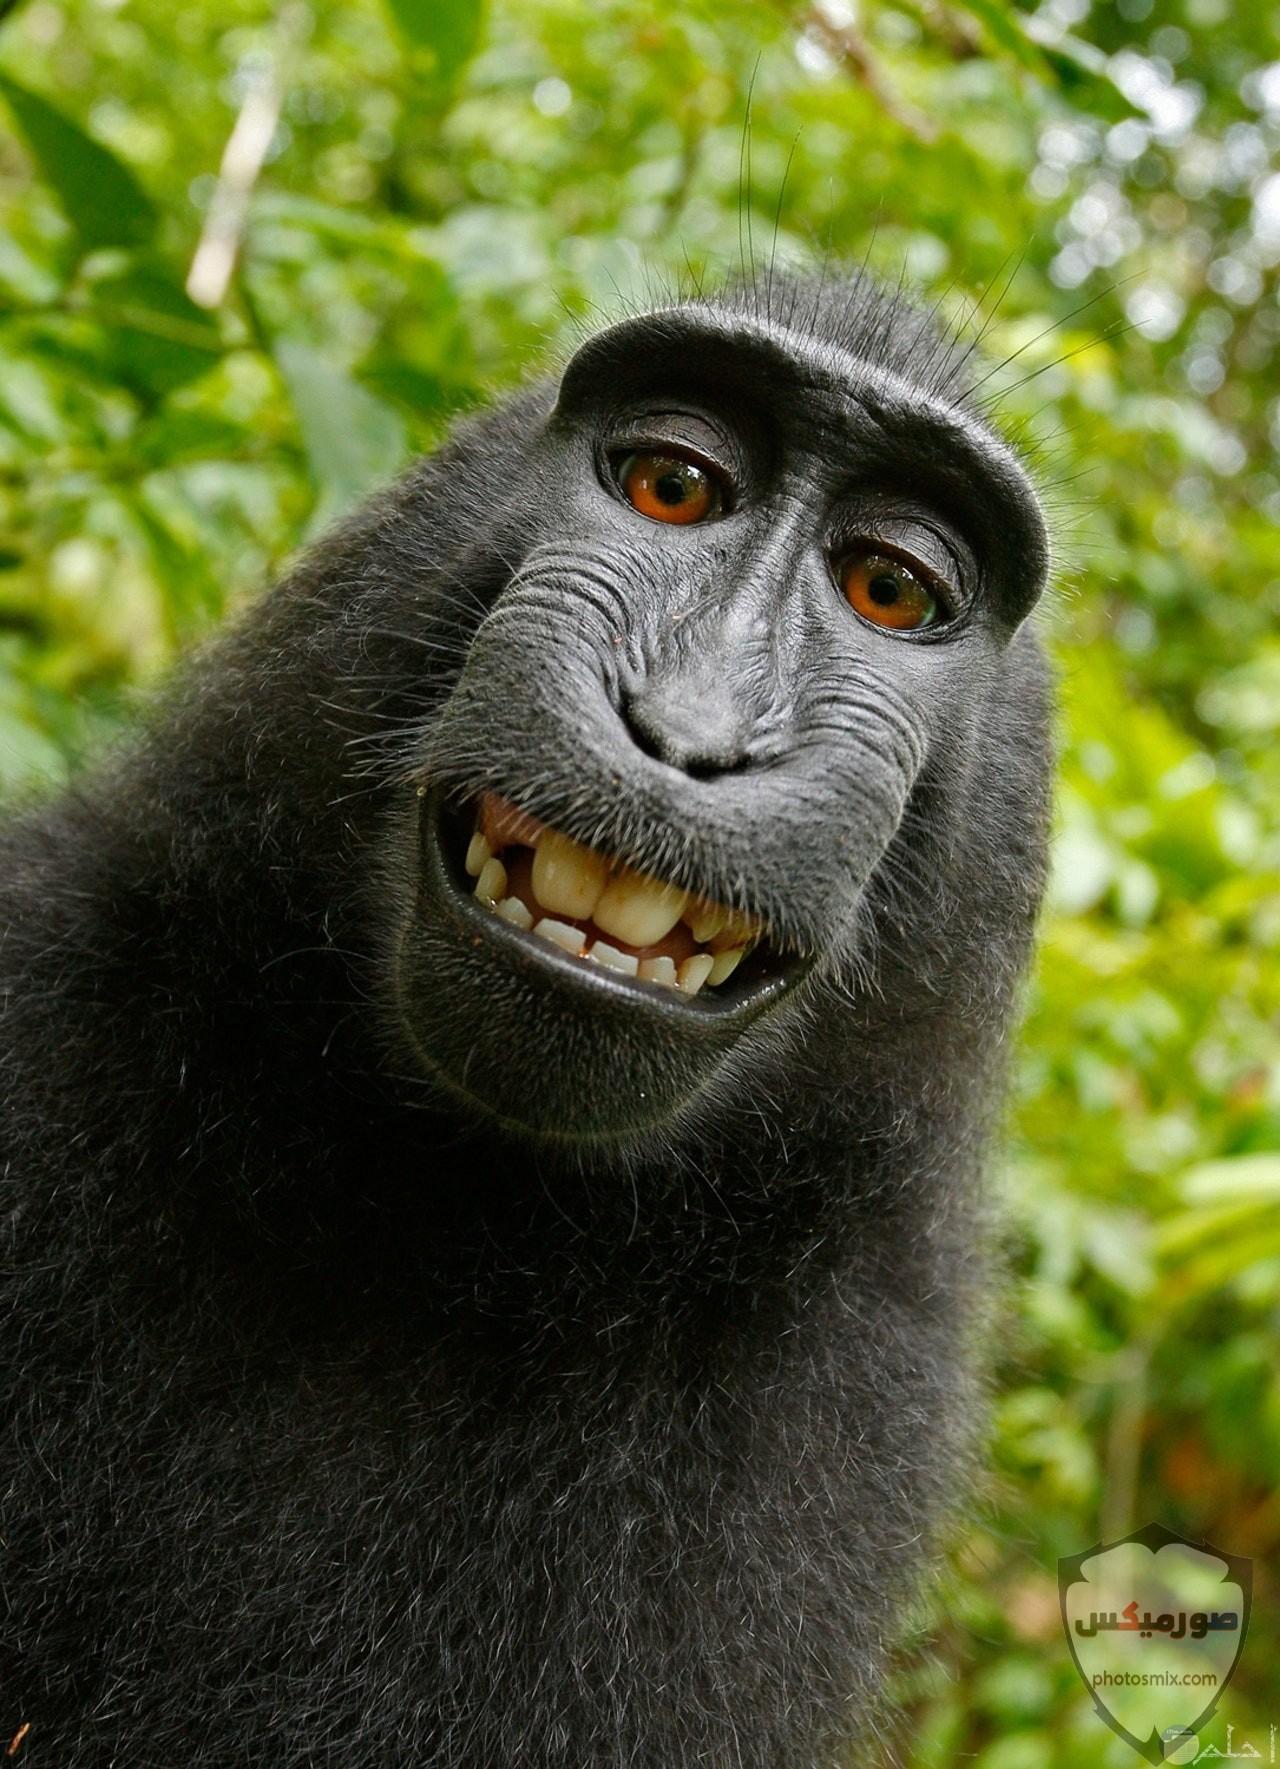 صور حيوانات مضحكة فيديوهات حيوانات مضحكة جدا 2020 26